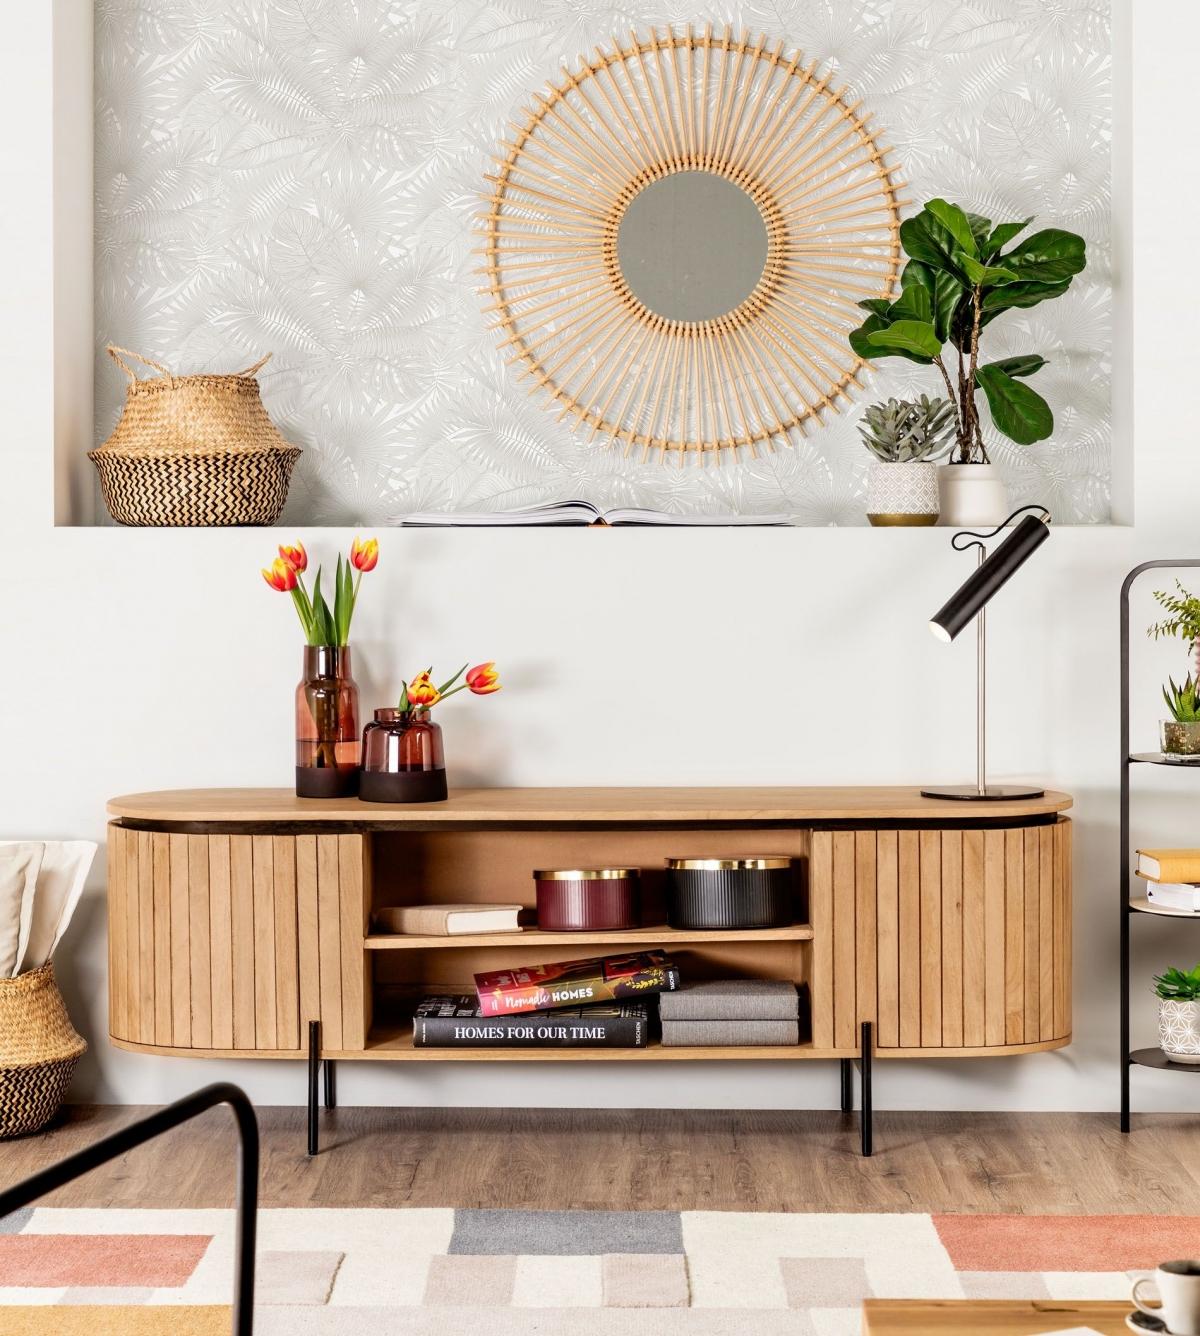 Практичный современный уголок хранения с модным дизайном для небольших квартир